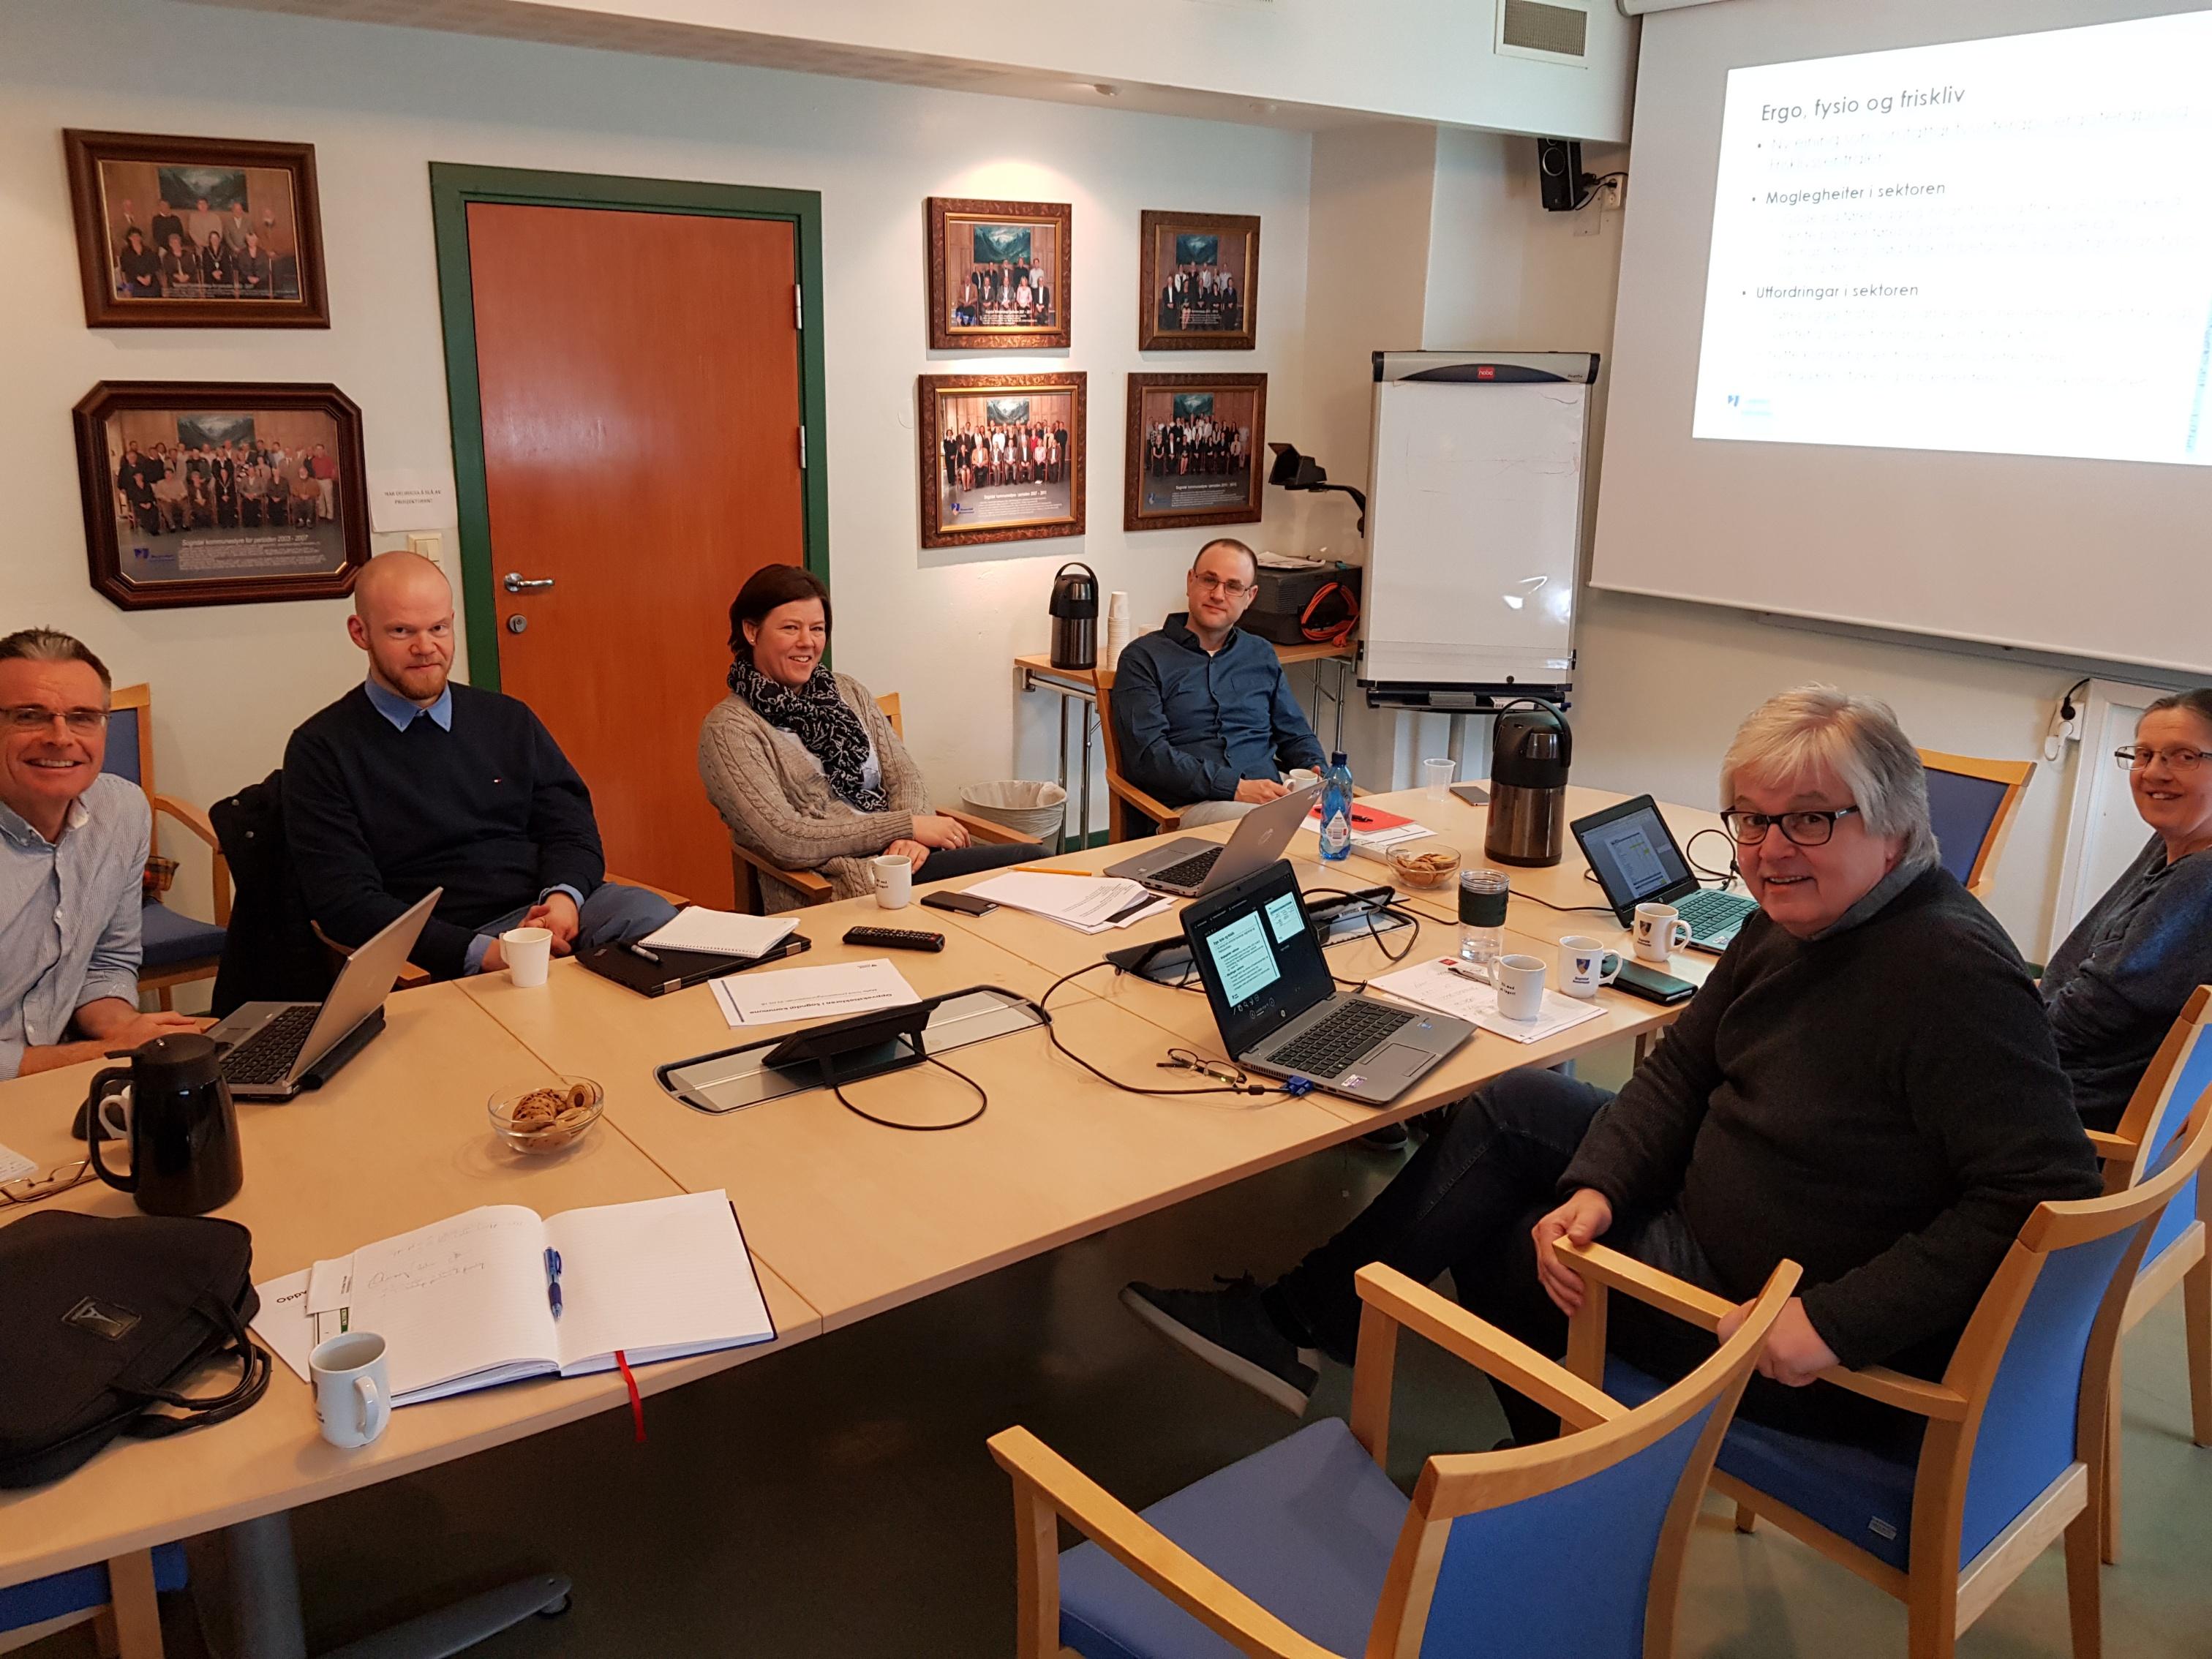 rosjektgruppa Nye Sogndal kommune og rådmannsgruppa i Sogndal kommune